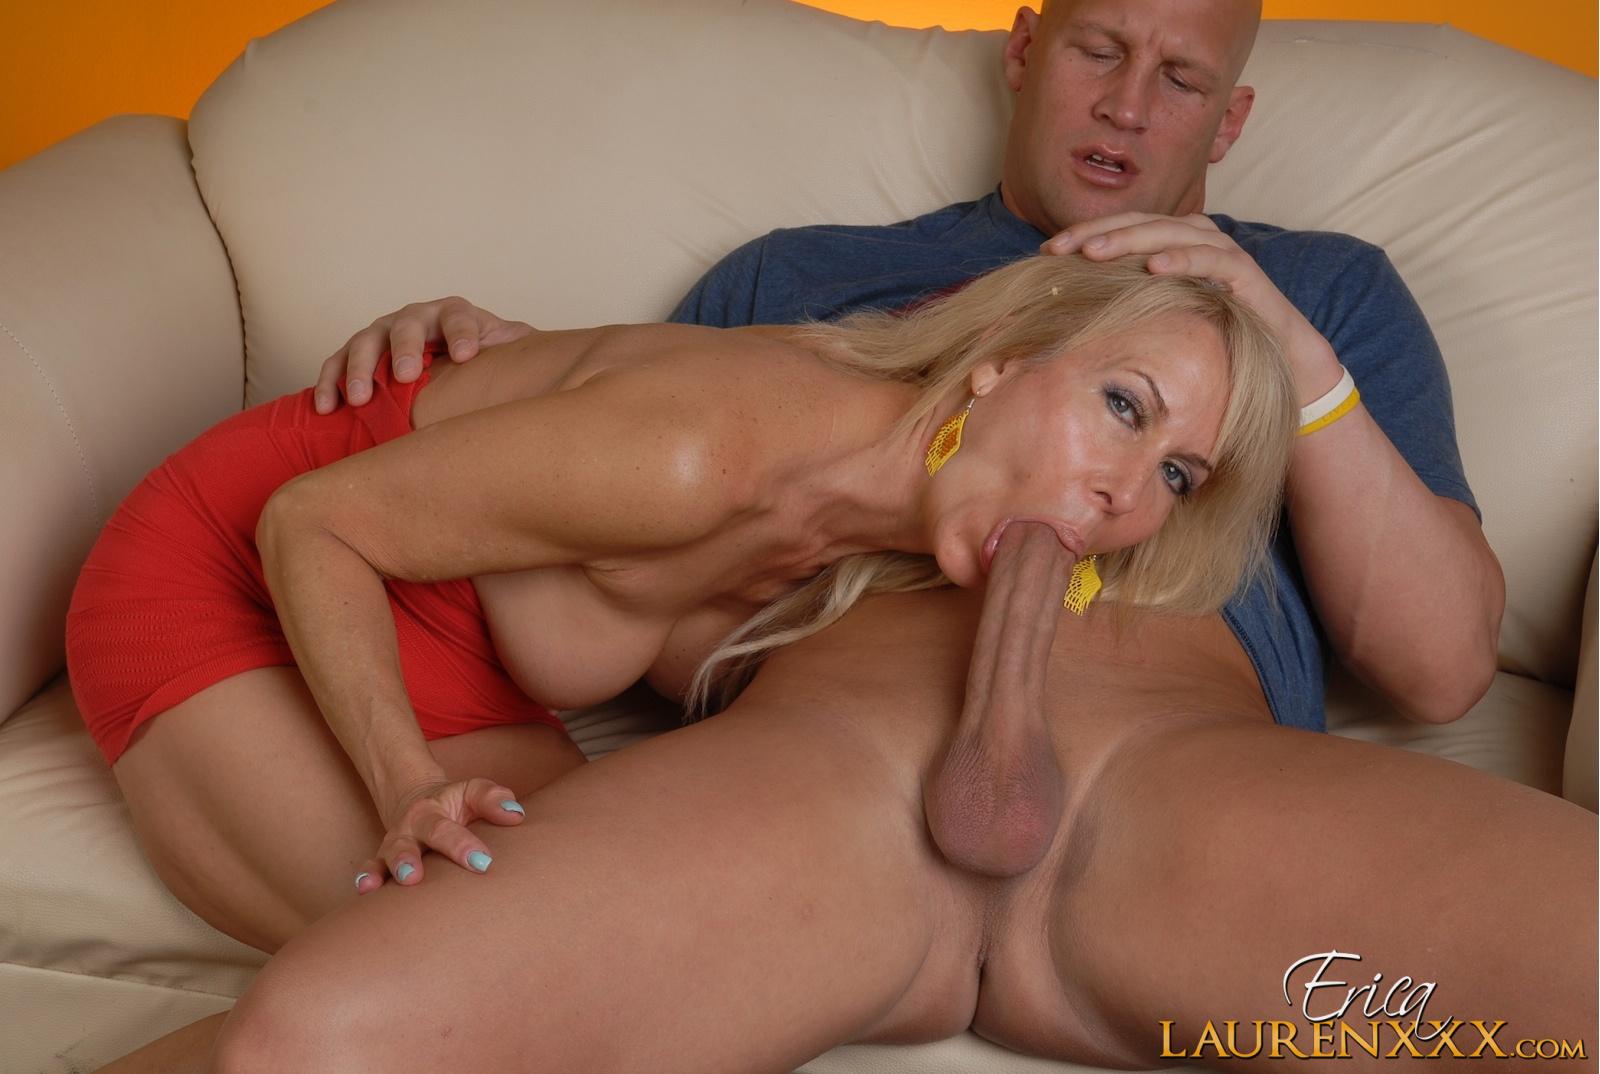 Трахает зрелую блондинку большим членом на кровати